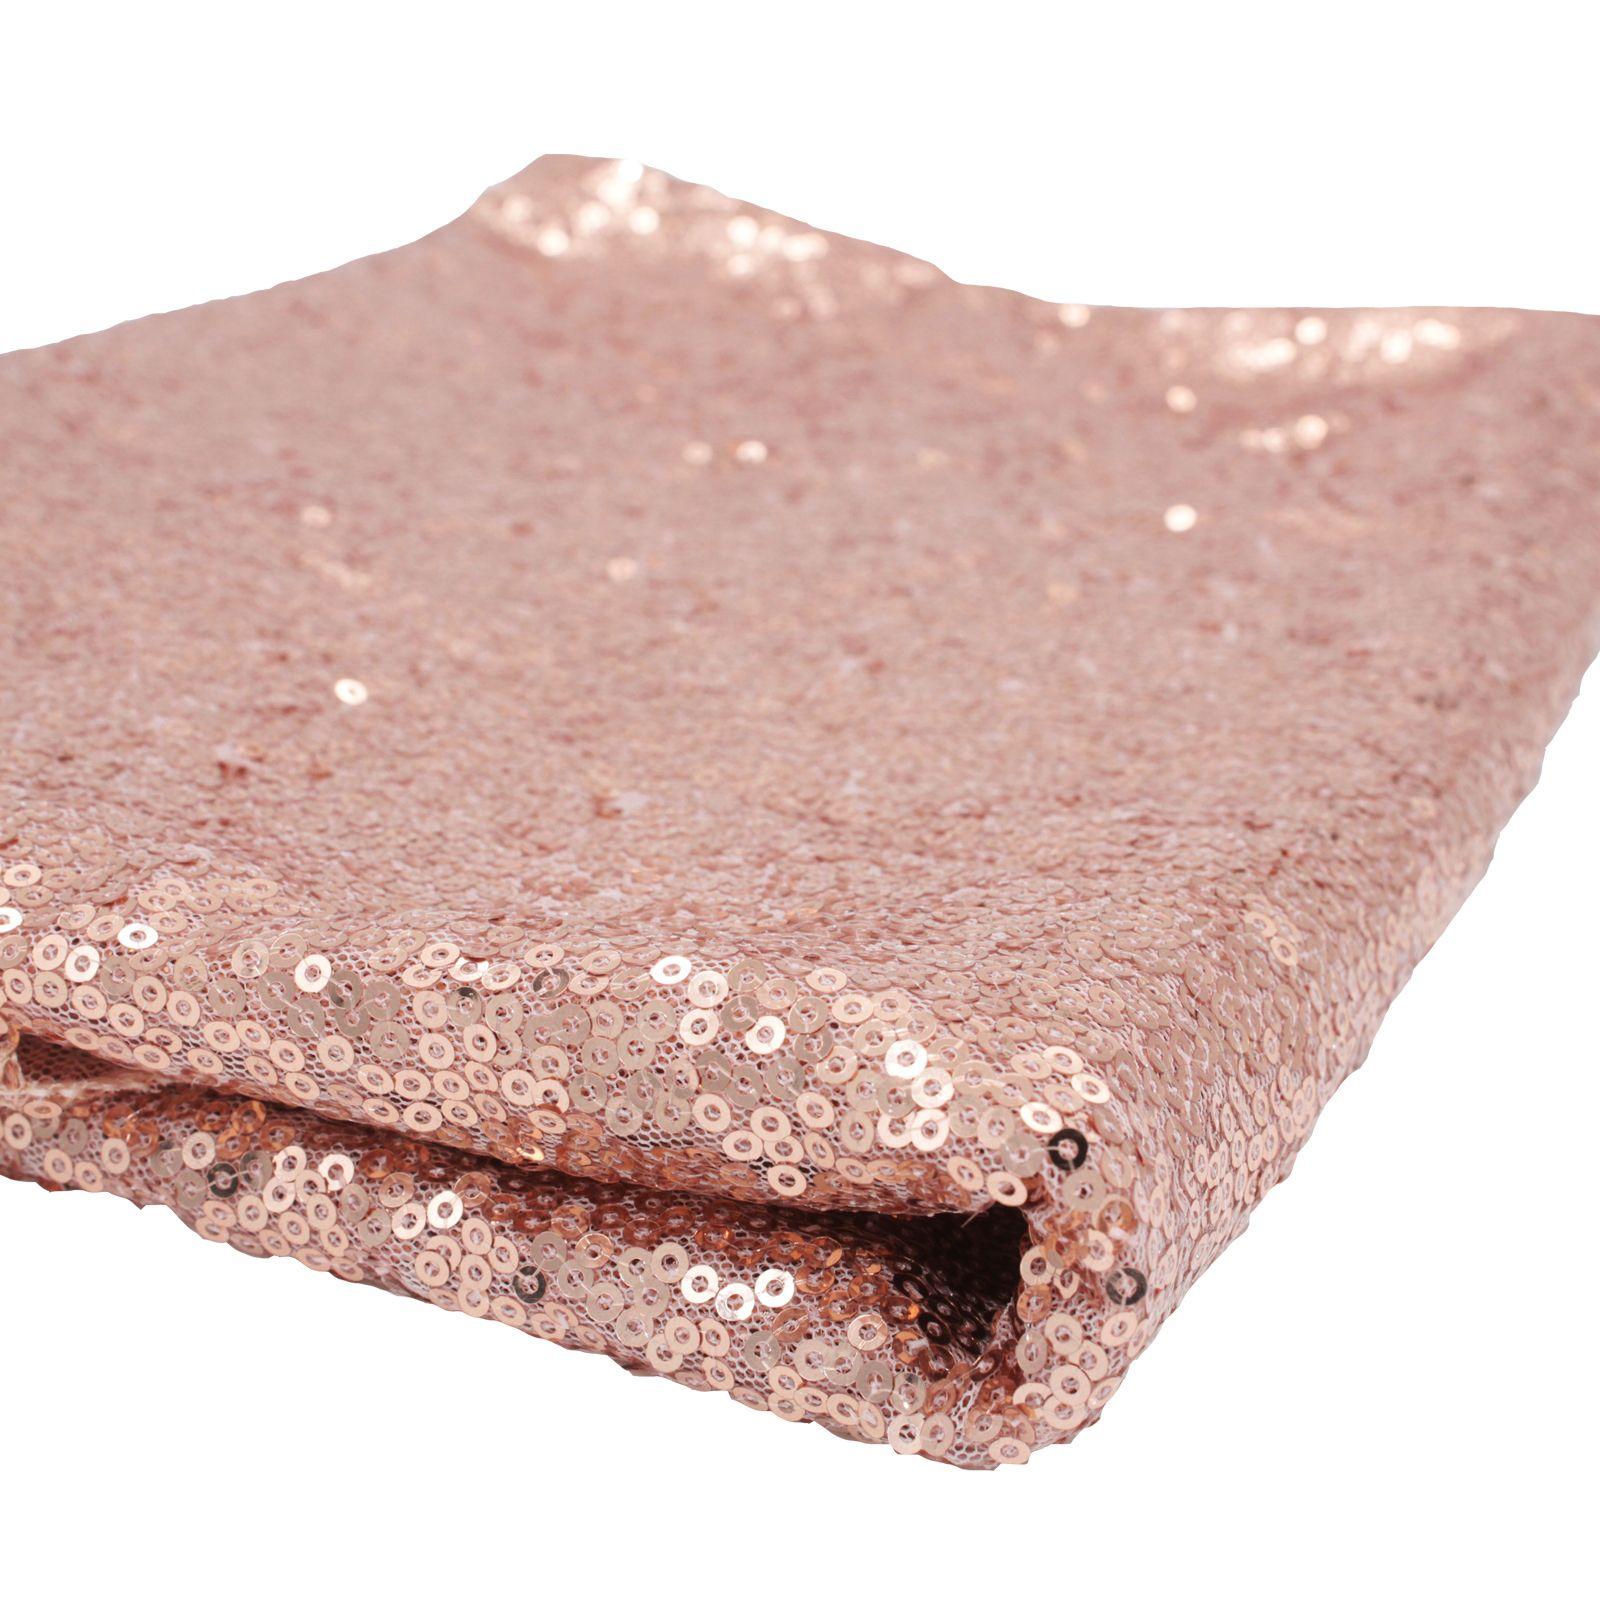 Nouveau 120x180 cm Mousseux rose/Or/Argent Broderie Mesh Sequin Nappe Couverture De Table Overlay pour le Mariage/parti Décorations De Noël